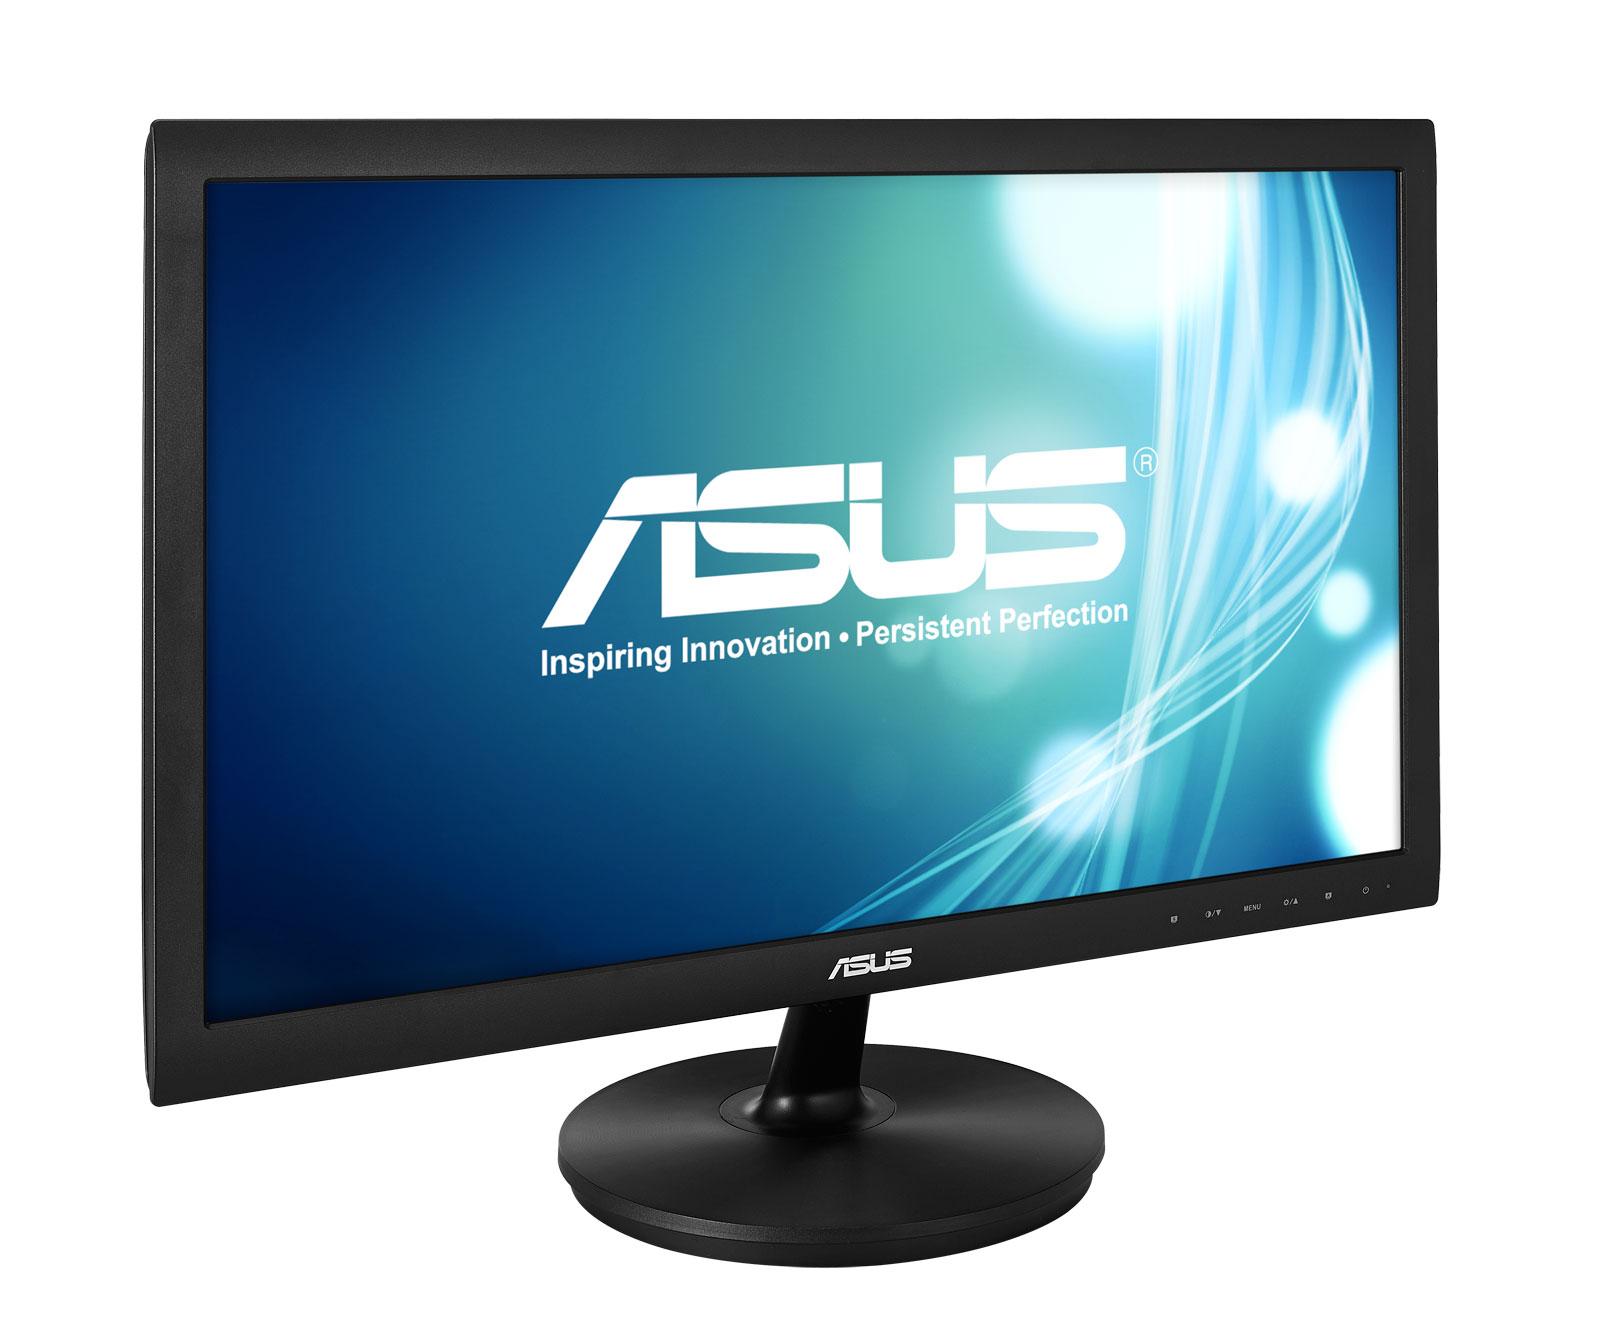 """Ecran PC ASUS 21.5"""" LED - VS228DE 1920 x 1080 pixels - 5 ms - VGA - Format large 16/9 - Noir (garantie constructeur 3 ans)"""